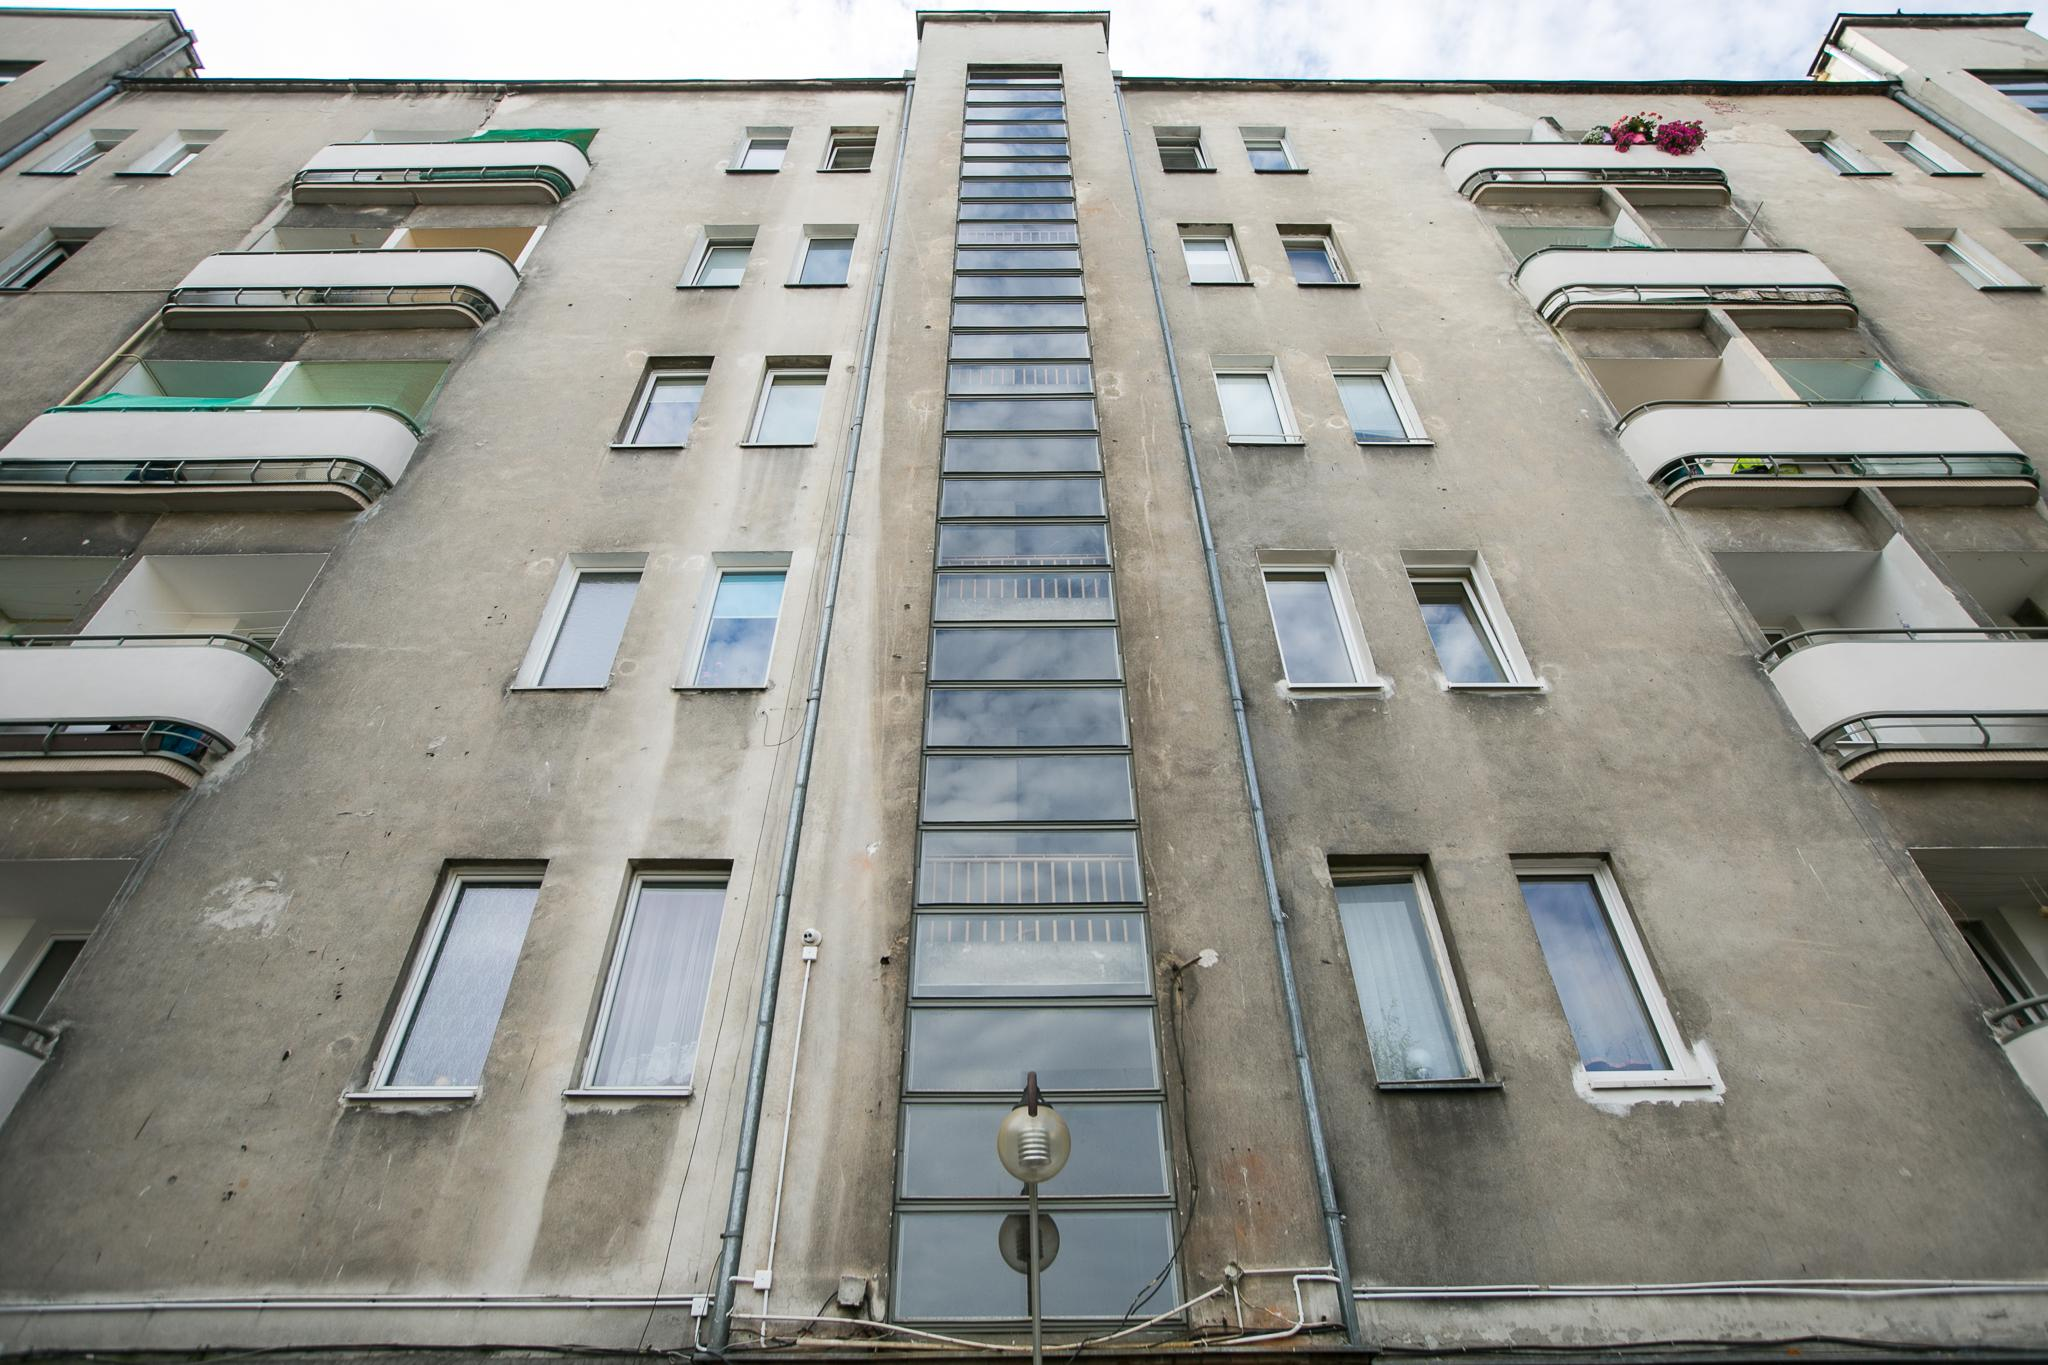 Okna klatek schodowych po remoncie // fot. Karol Stańczak